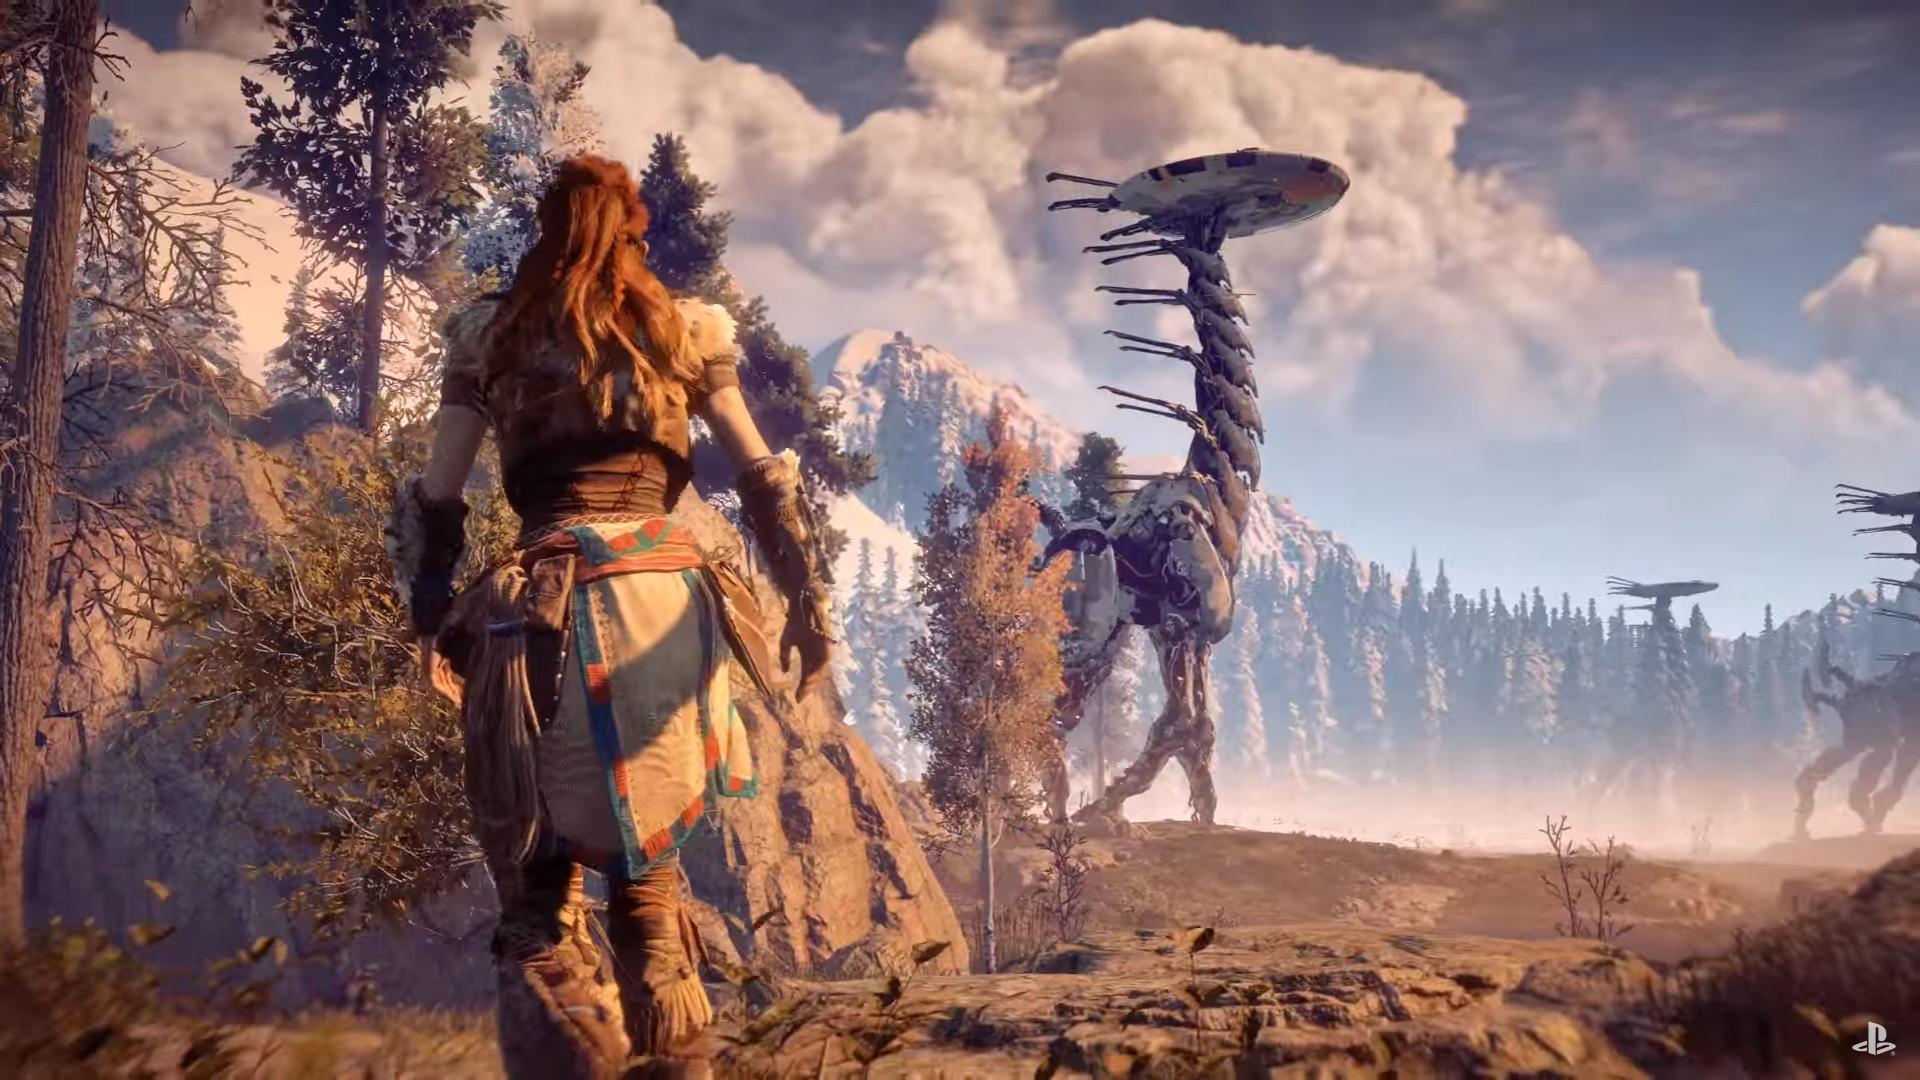 Impresionante el vídeo con gameplay de Horizon Zero Dawn mostrado en la conferencia de Sony en el E3 2016